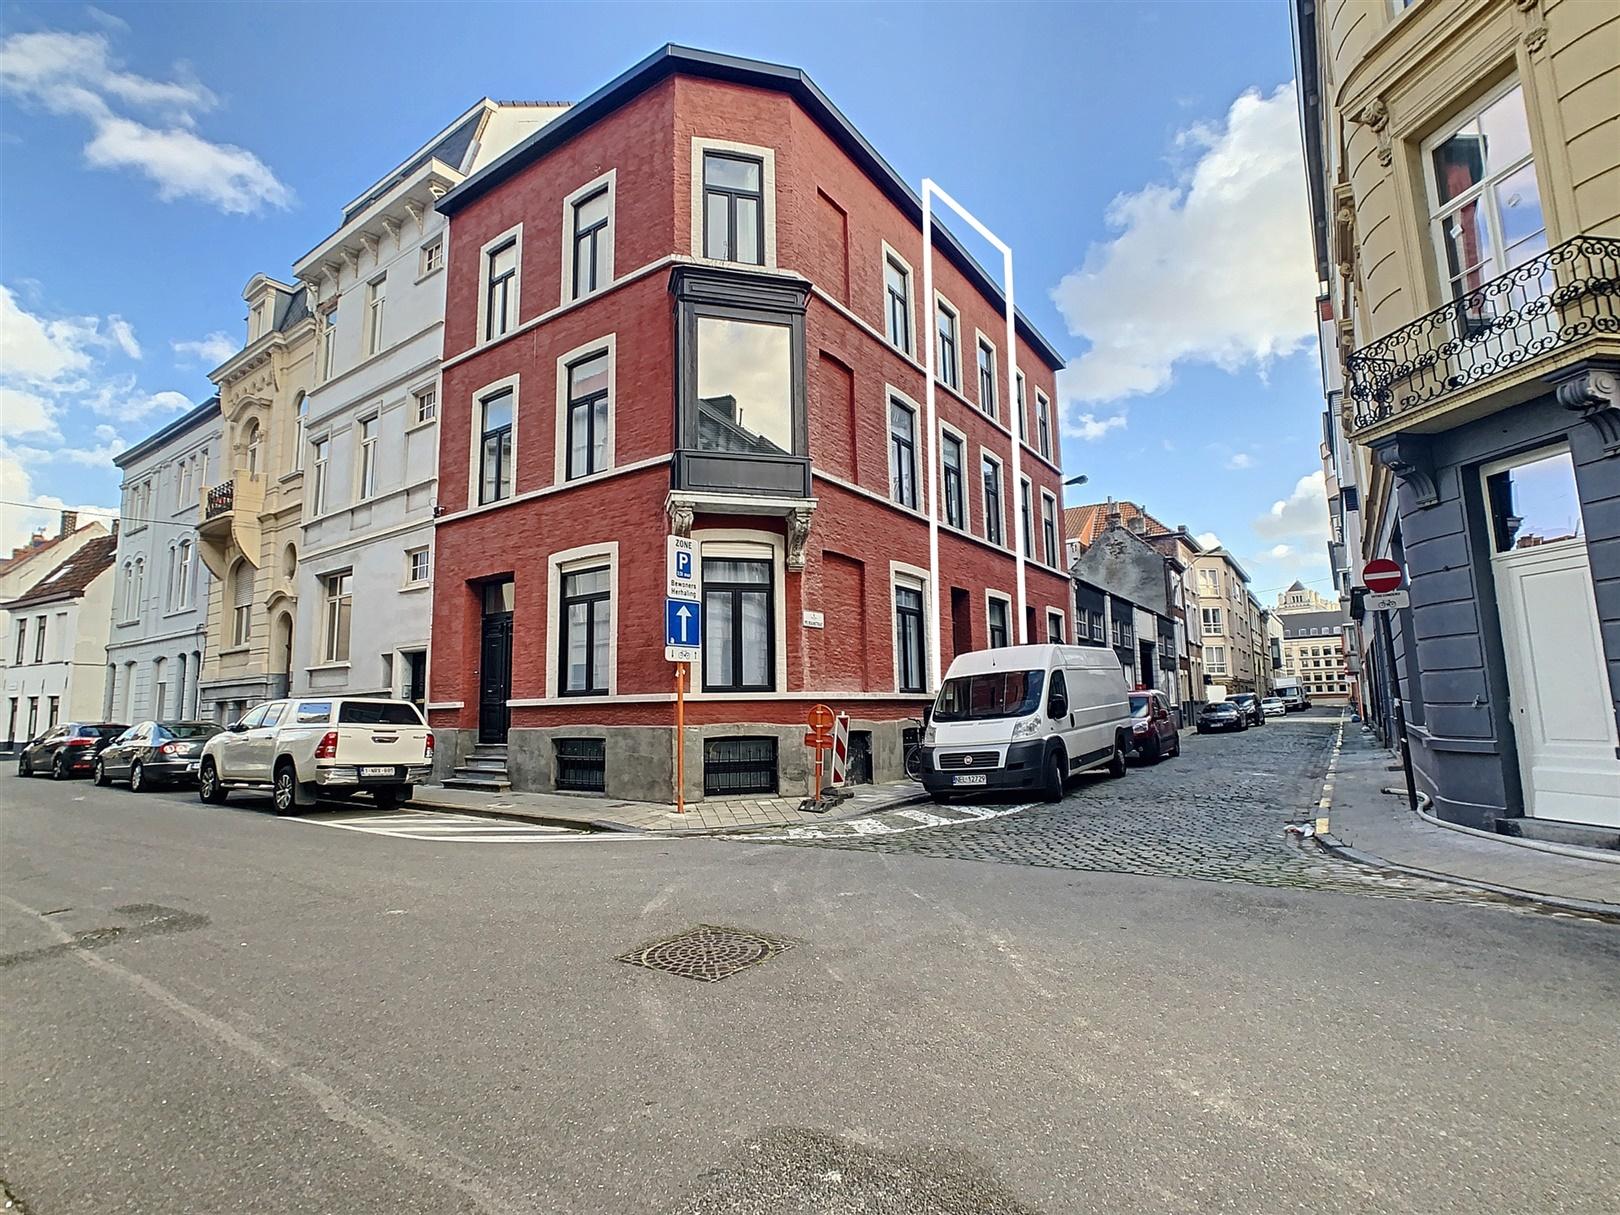 Gezellige woning met 3 slaapkamers in hartje Gent!